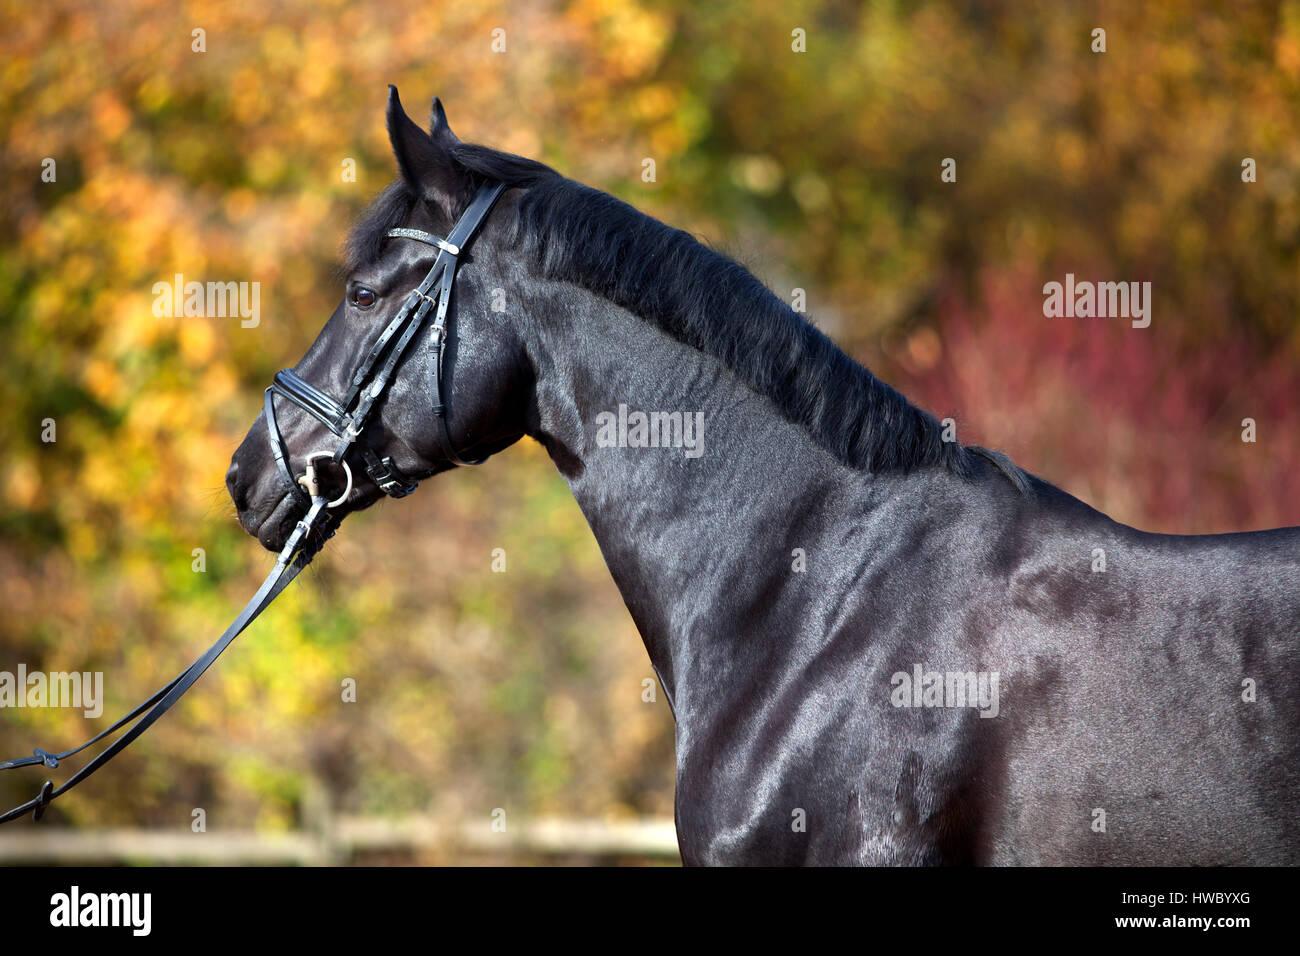 Portrait du cheval noir à l'extérieur de feuilles d'automne avec en arrière-plan Photo Stock